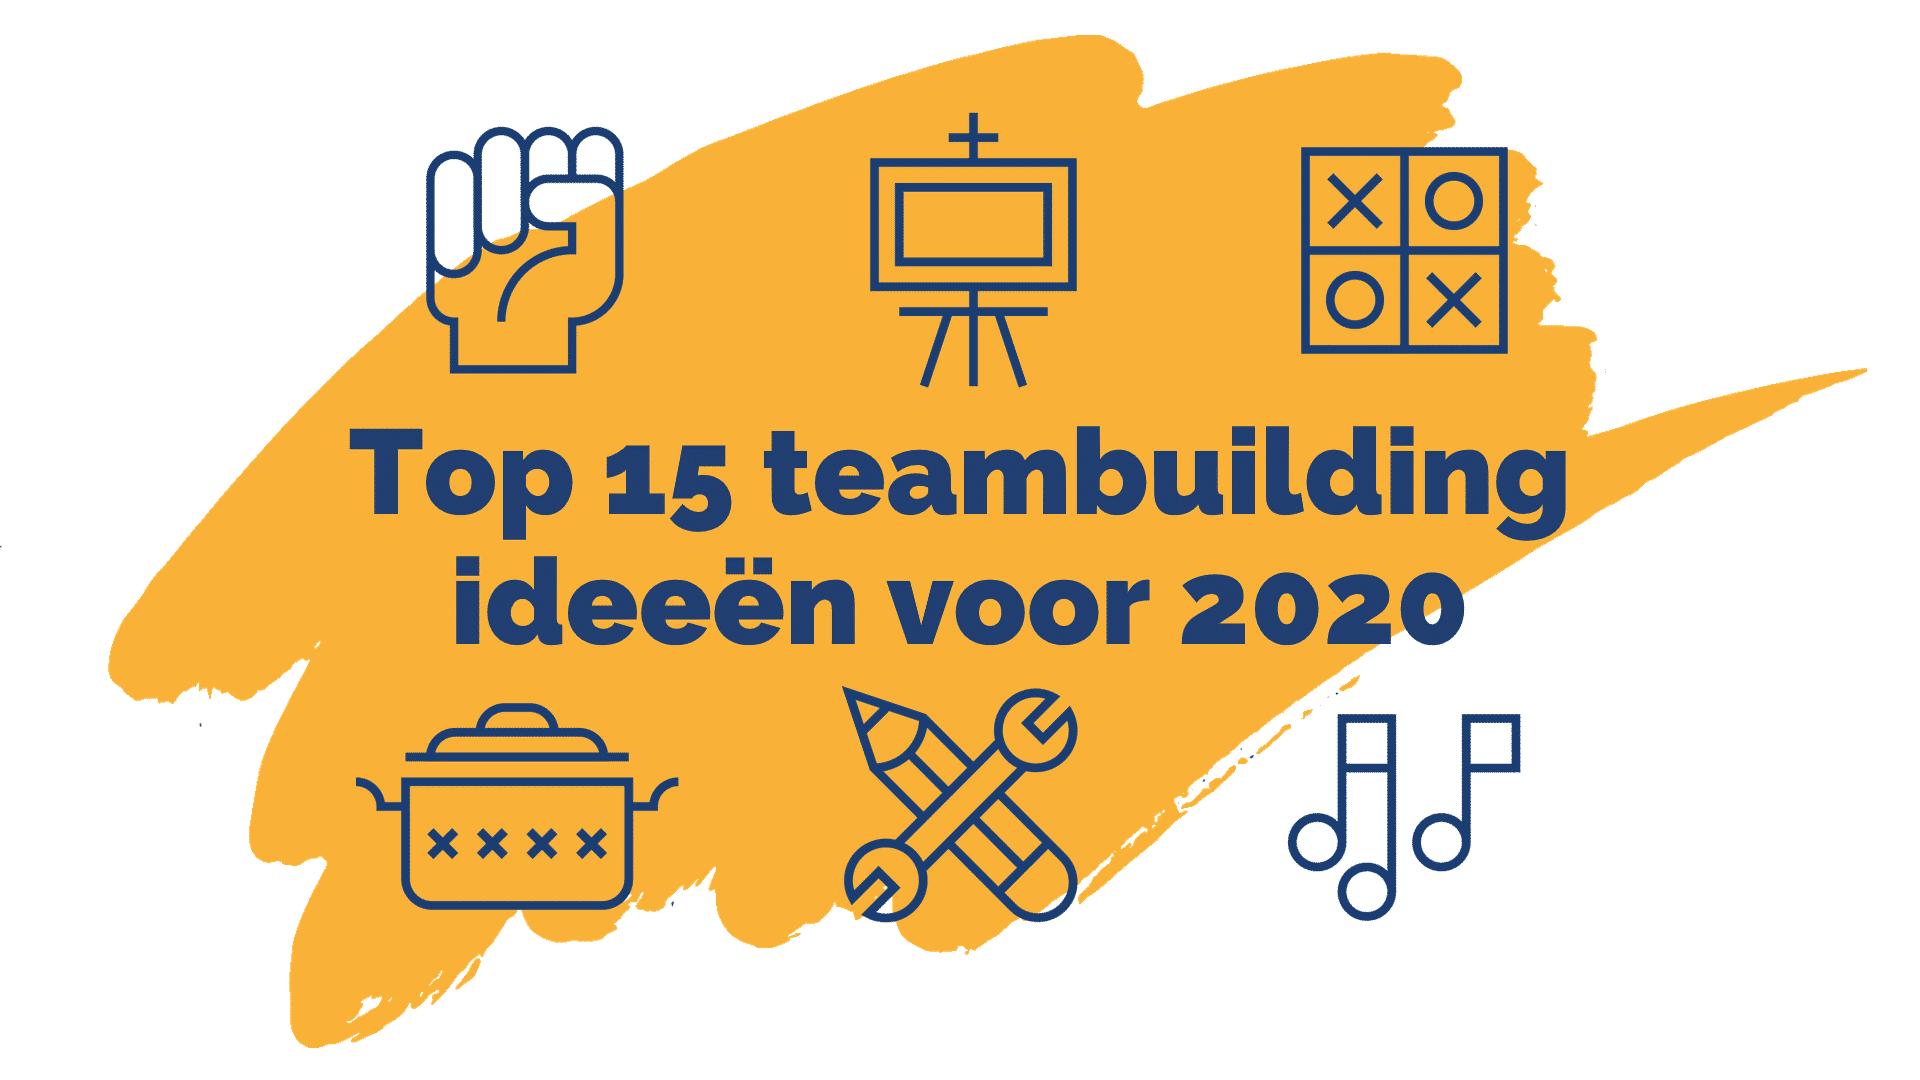 Top 15 teambuilding ideeën voor 2020